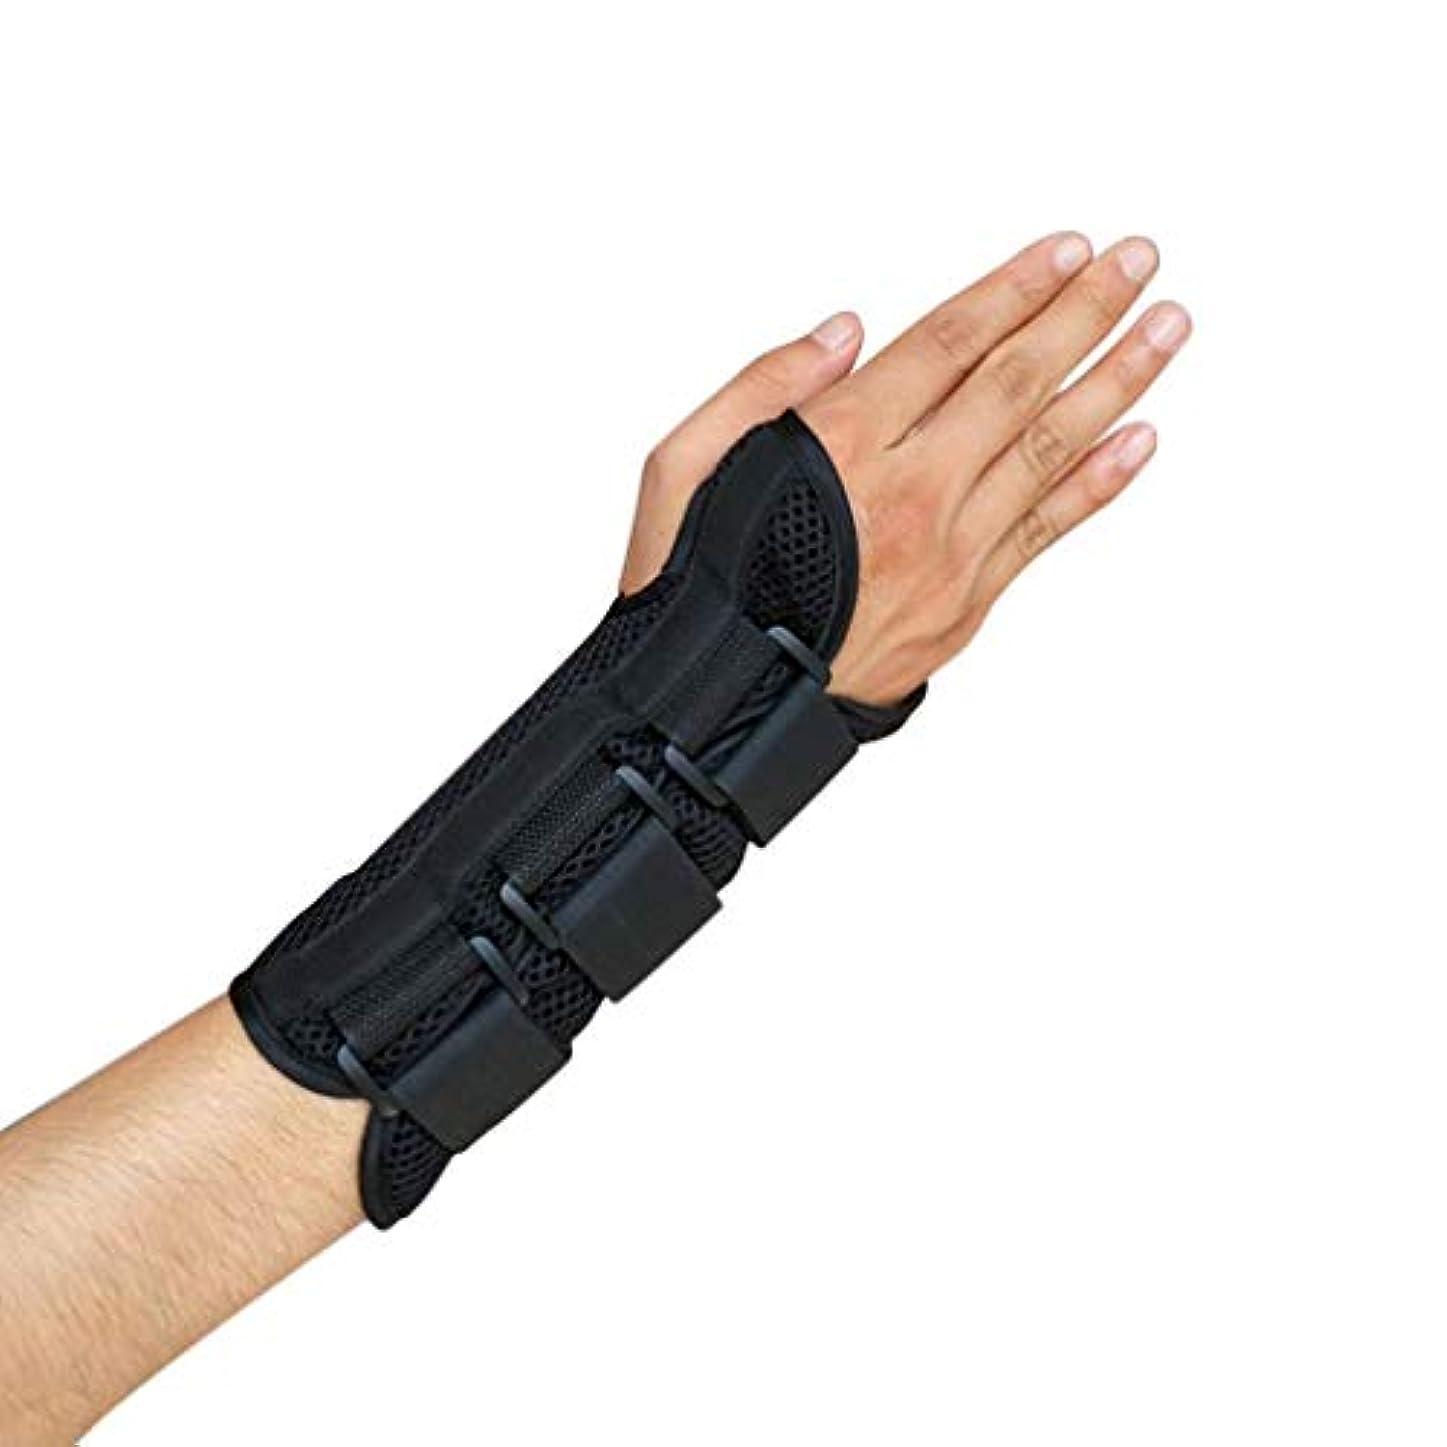 参加者思想犠牲手根管手首ブレースサポート捻Sp前腕スプリントバンドストラップ保護-innovationo